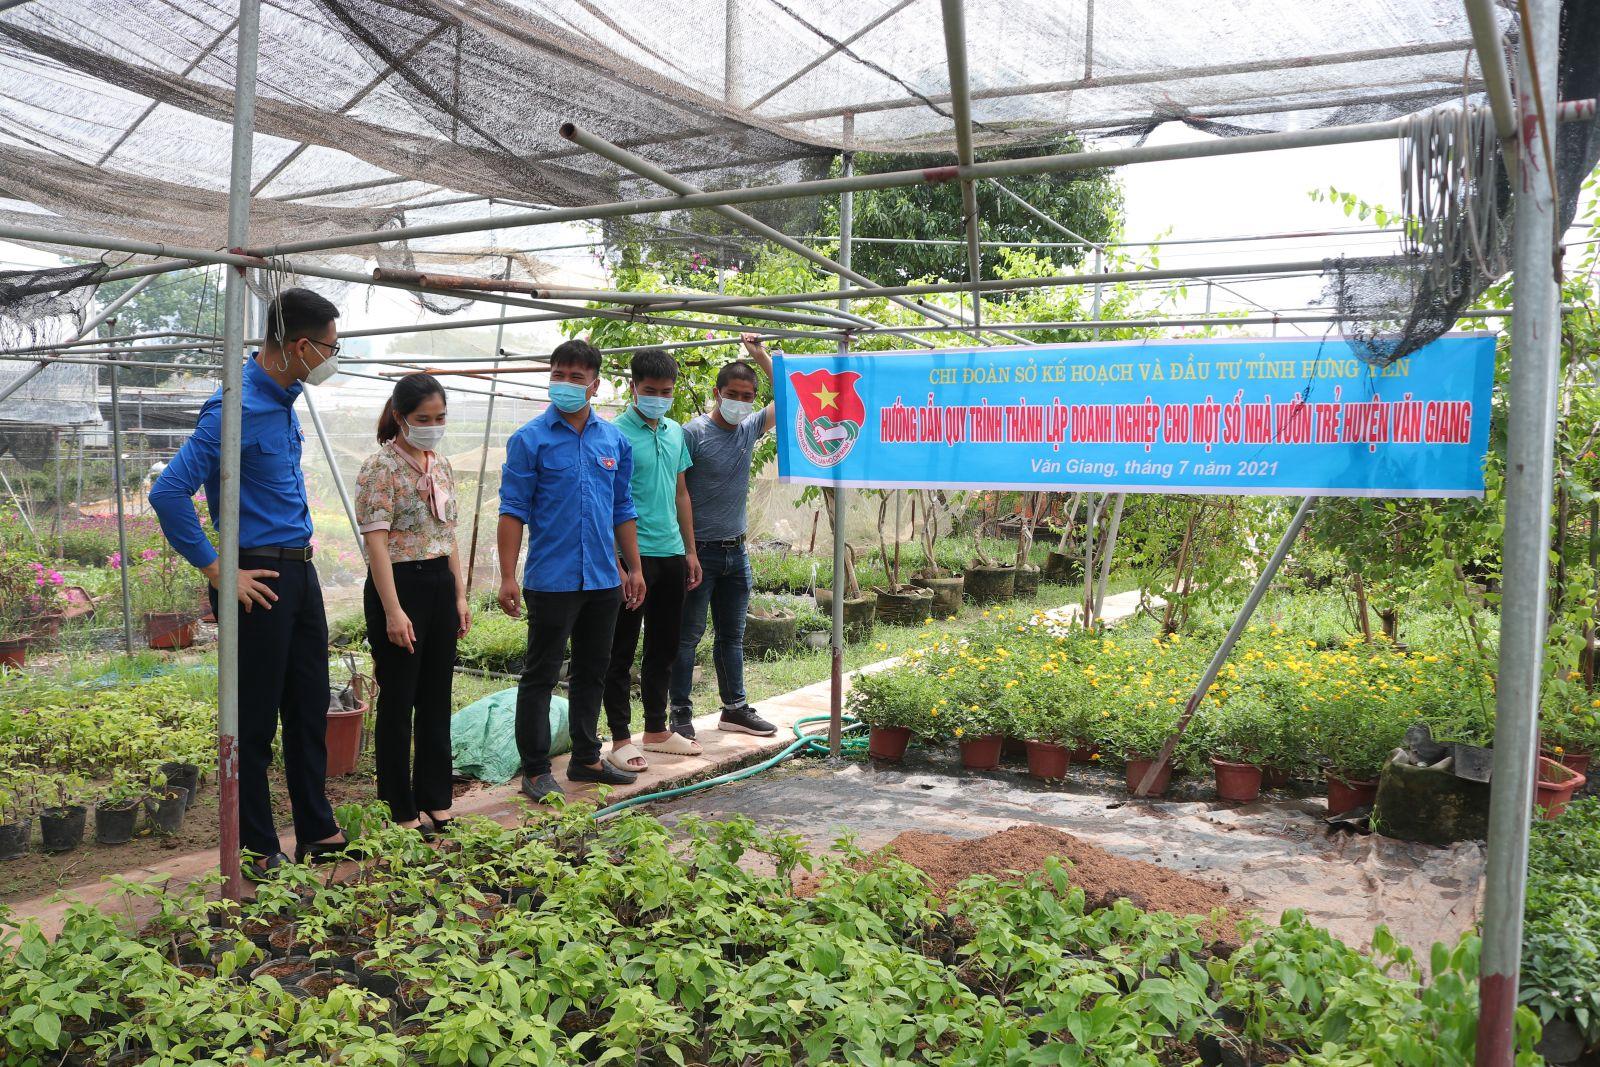 Đoàn viên, thanh niên Sở Kế hoạch và Đầu tư tỉnh hướng dẫn quy trình thành lập Doanh nghiệp cho một số nhà vườn trẻ tại huyện Văn Giang